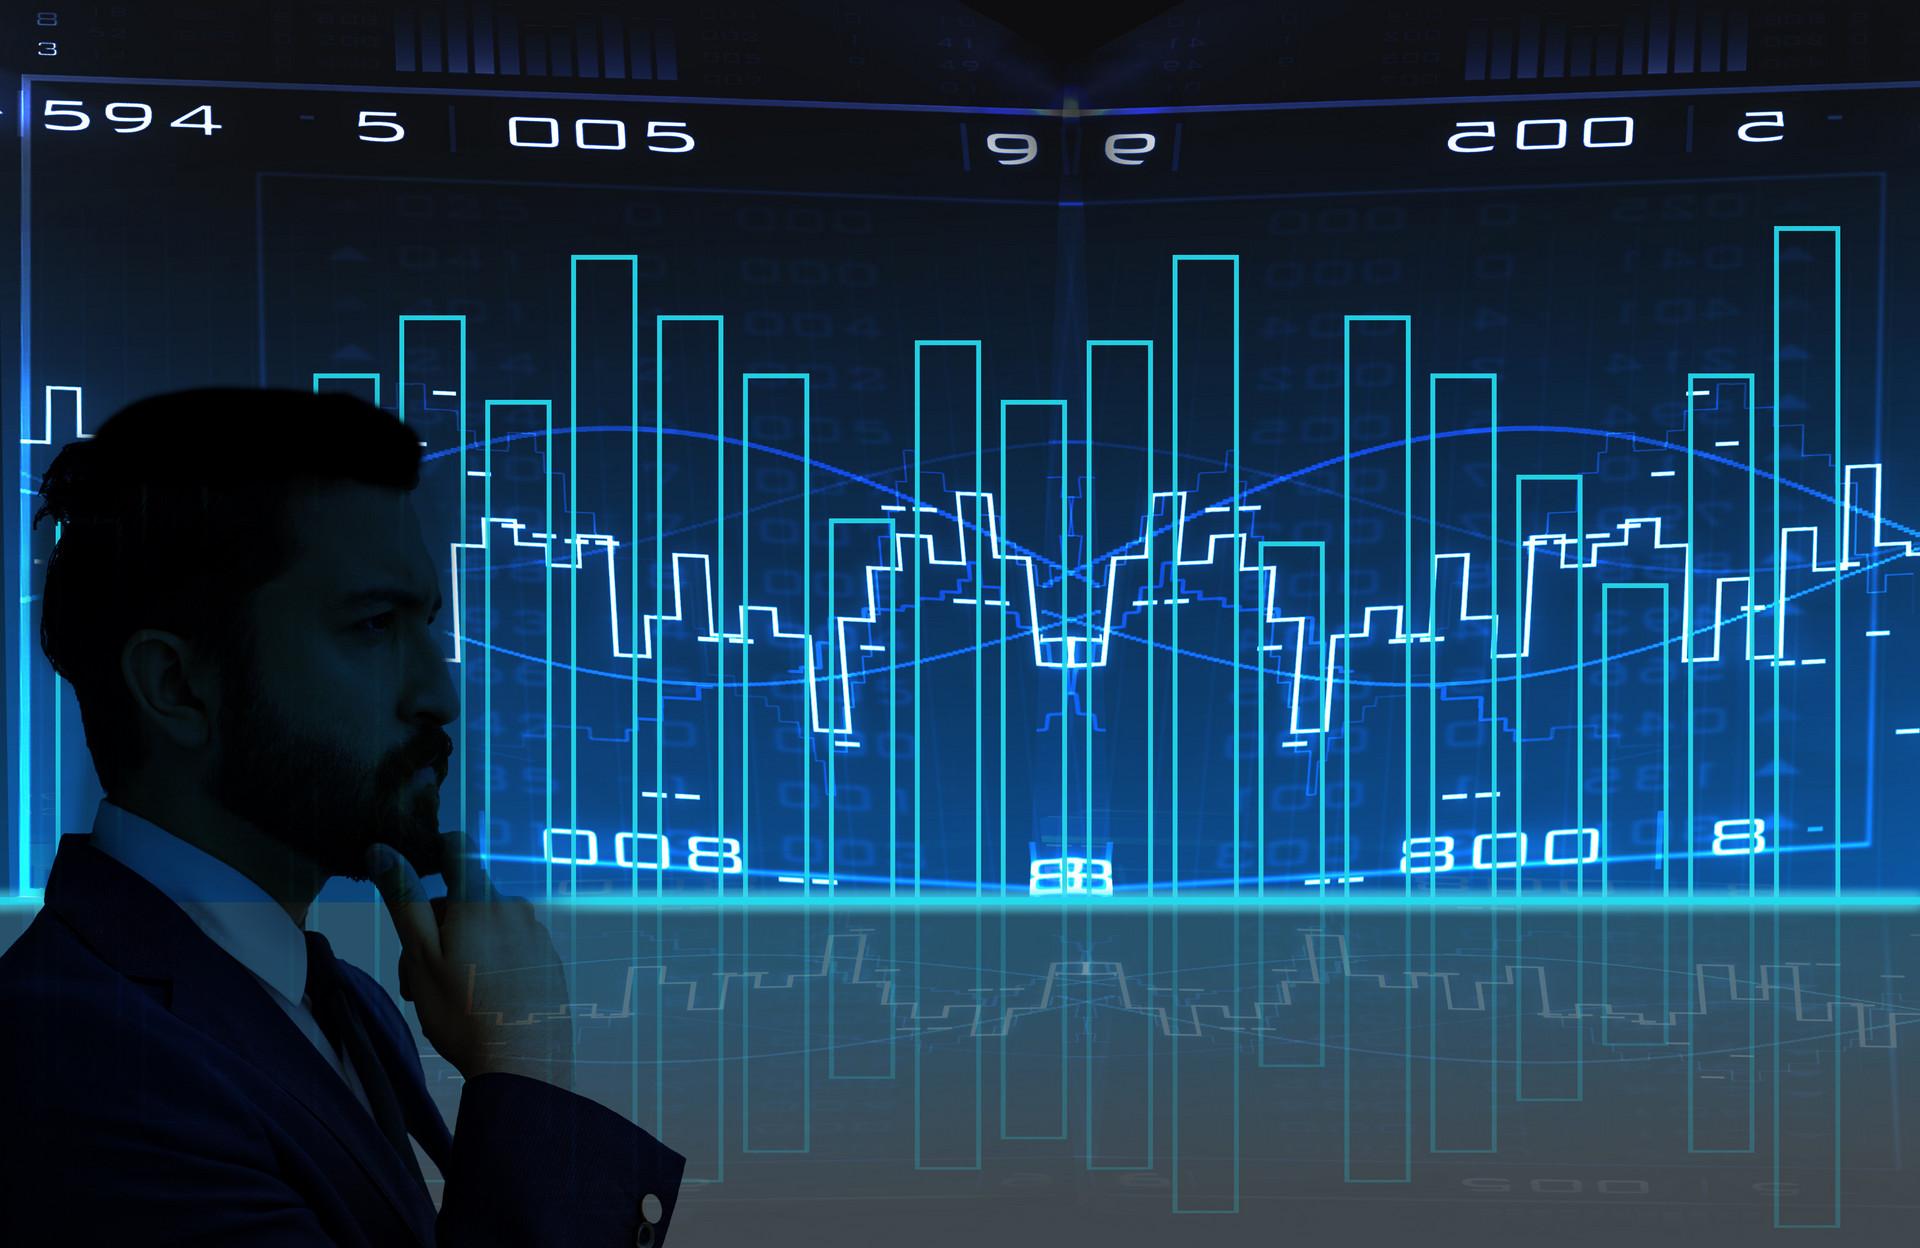 收评:三大指数高开低走 科技股再陷深度回调